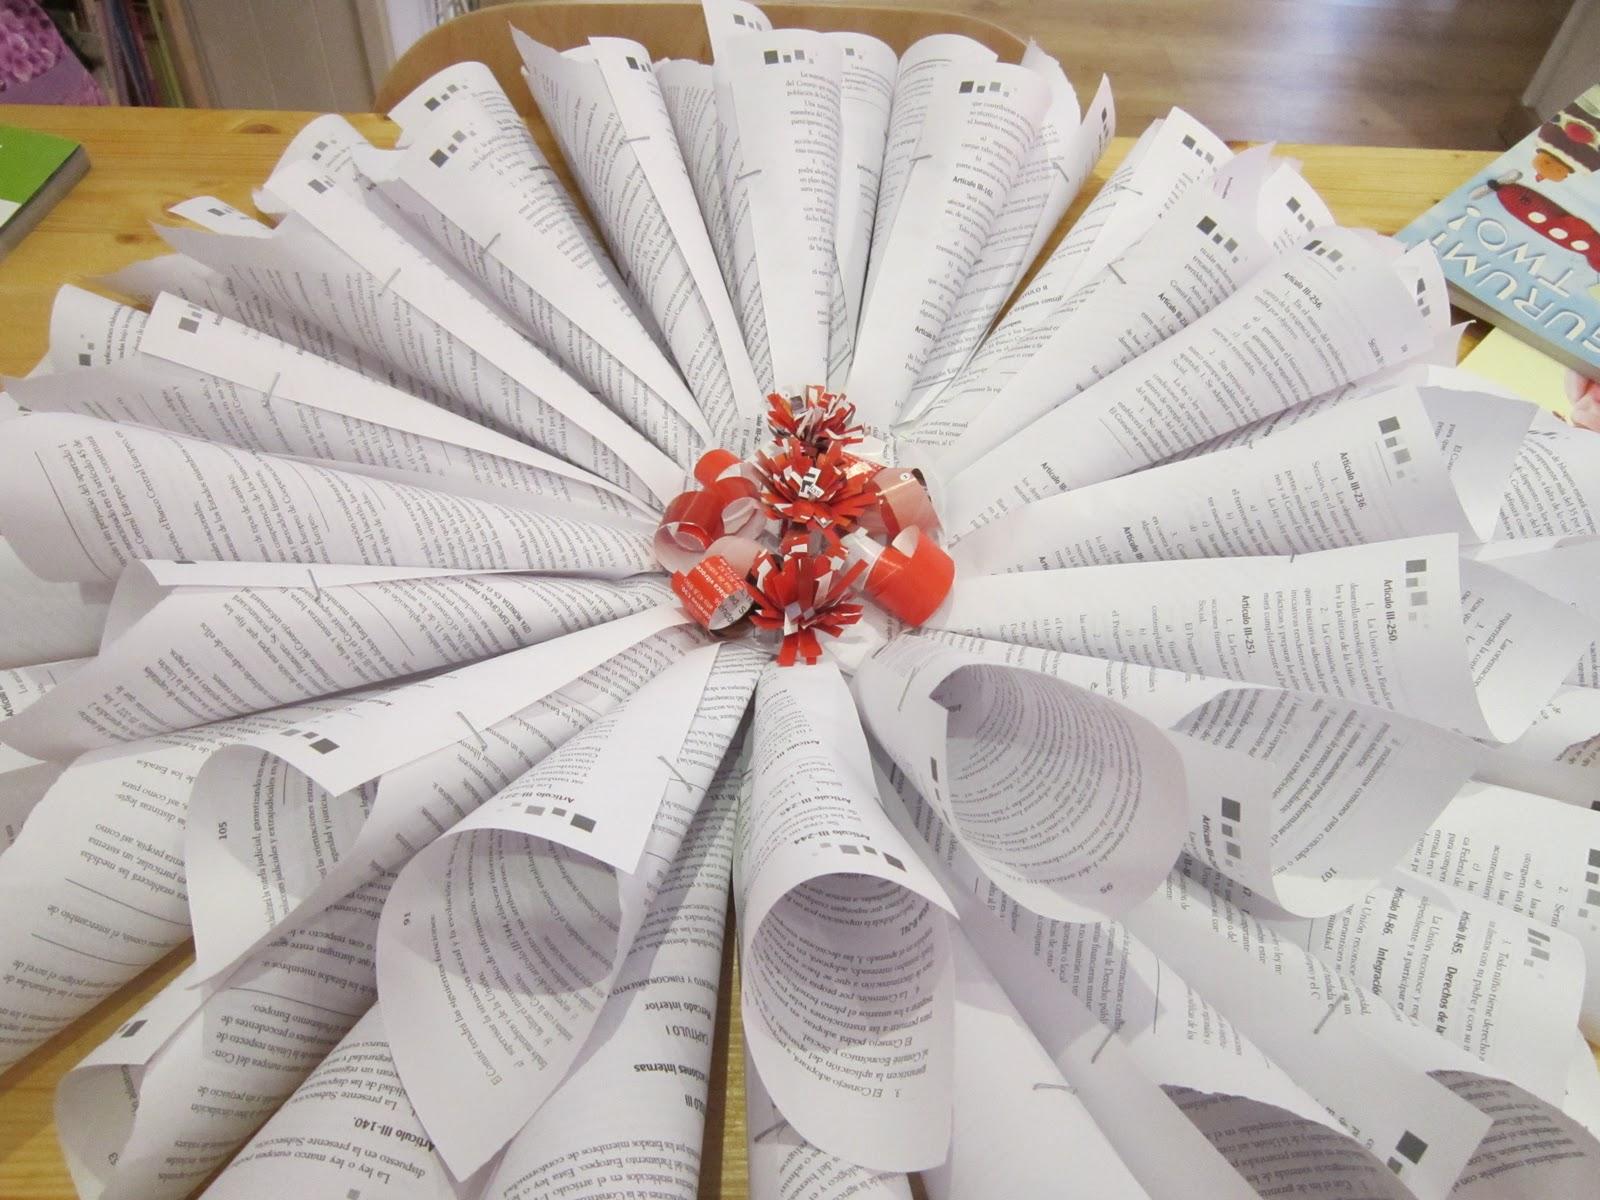 Reciclado artesanal for Puertas decoradas navidad material reciclable